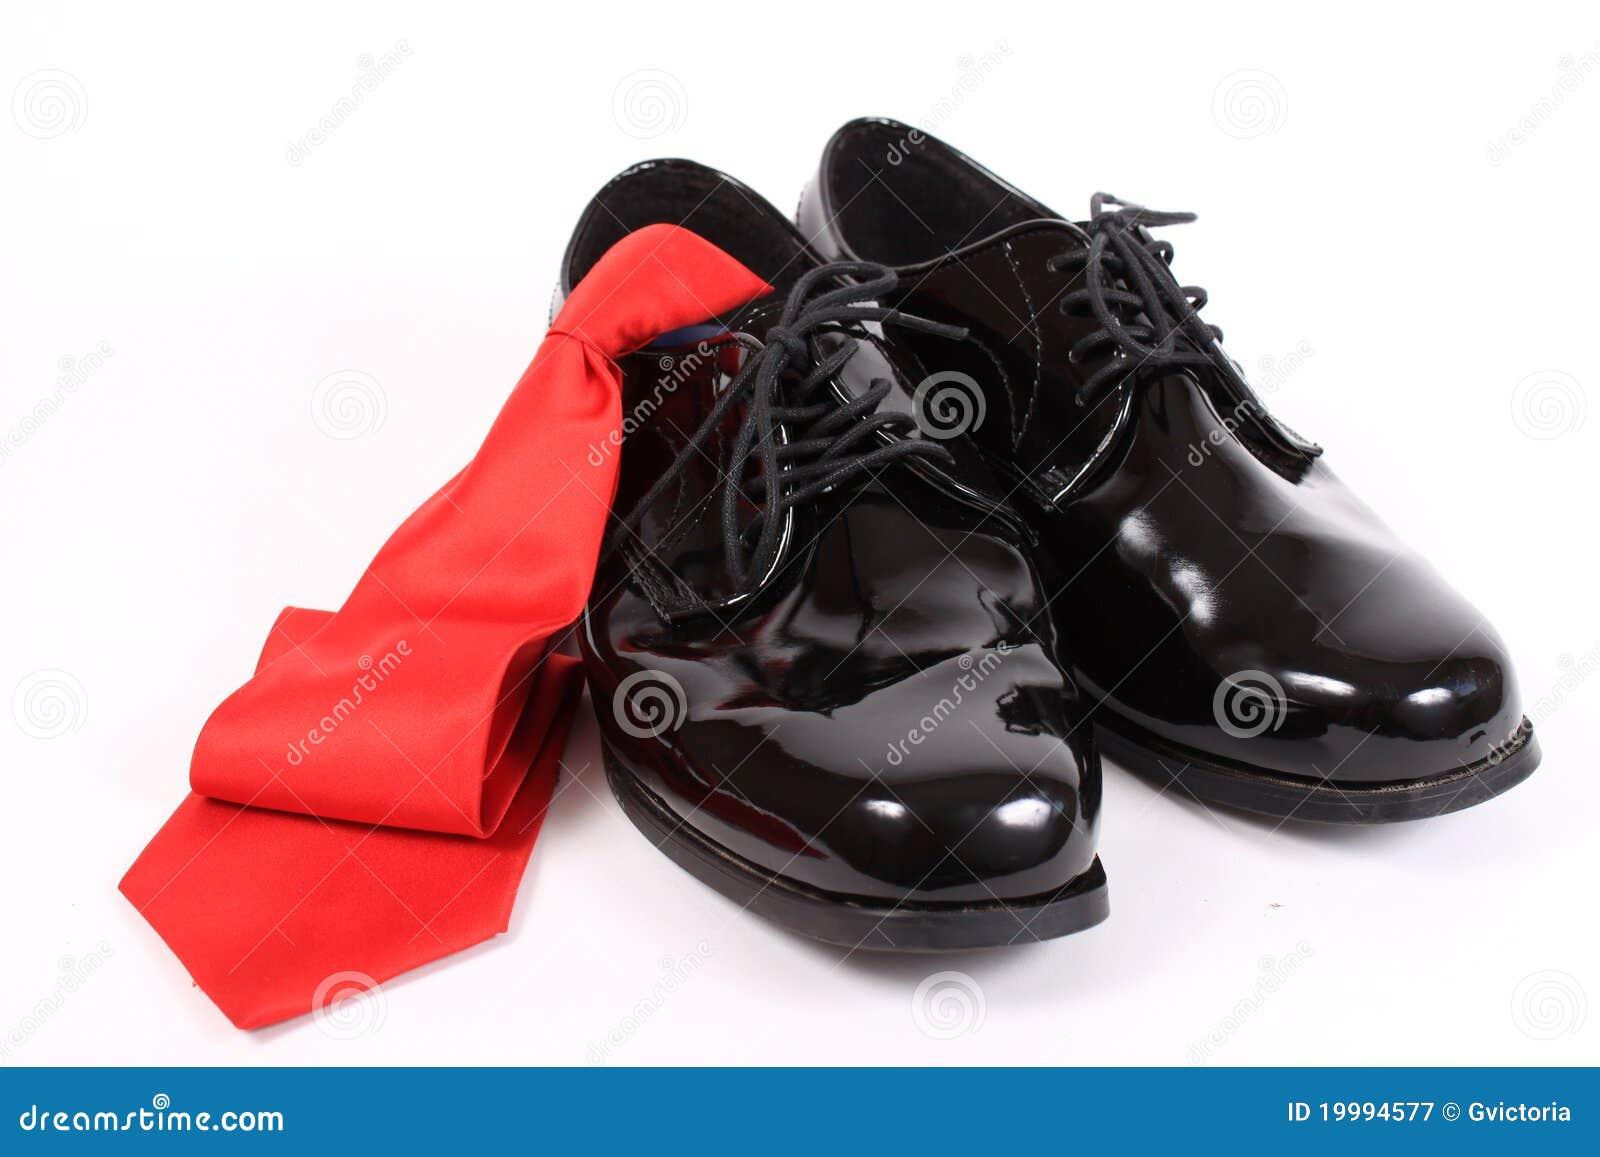 Pattini dressy e legame rosso degli uomini lucidi